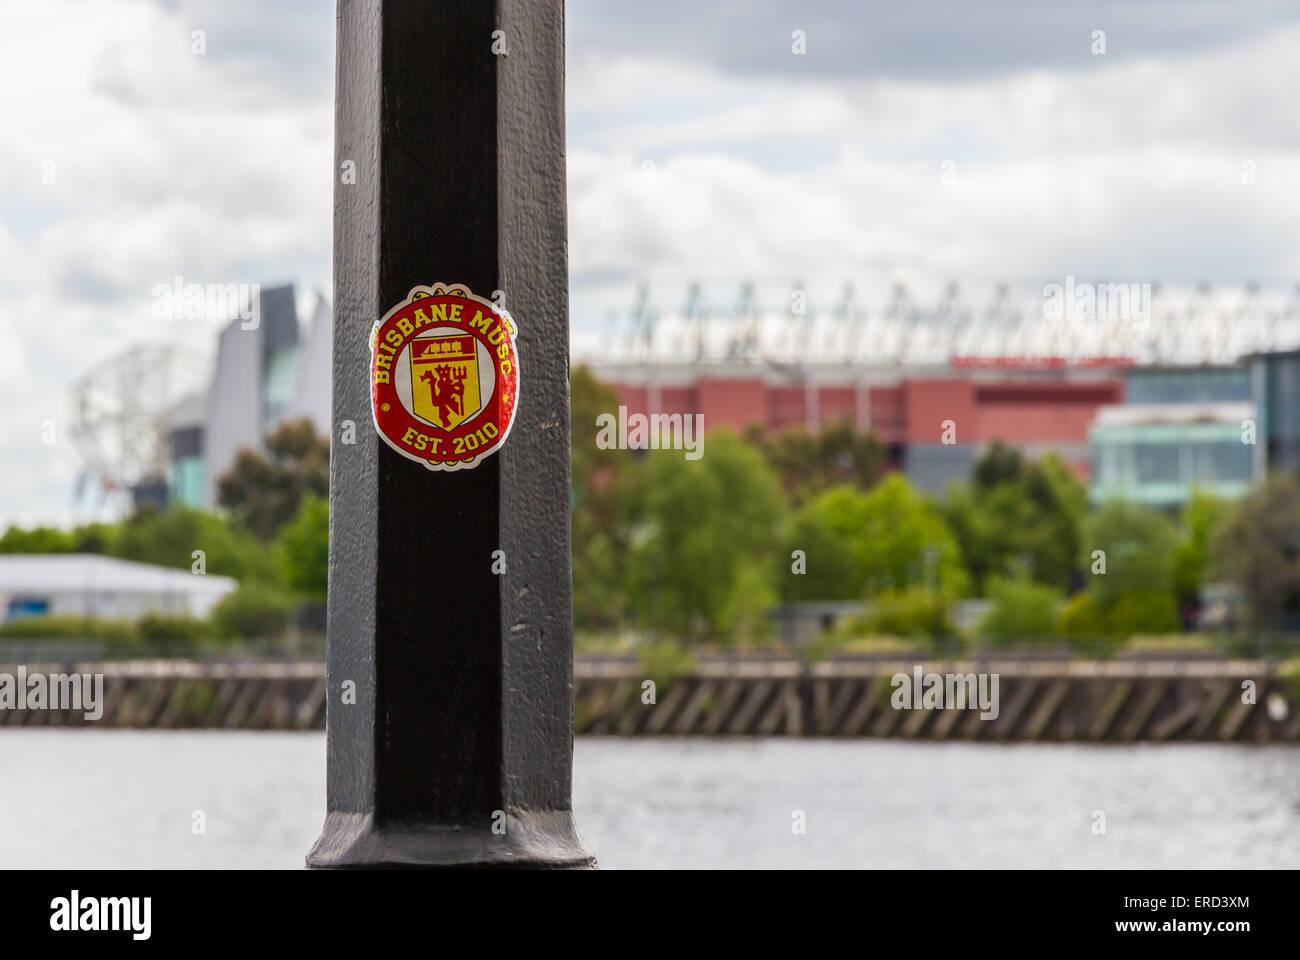 Brisbane MUSC, Manchester United Supporters Club un adesivo su una lampada posta nella parte anteriore del Old Trafford Immagini Stock